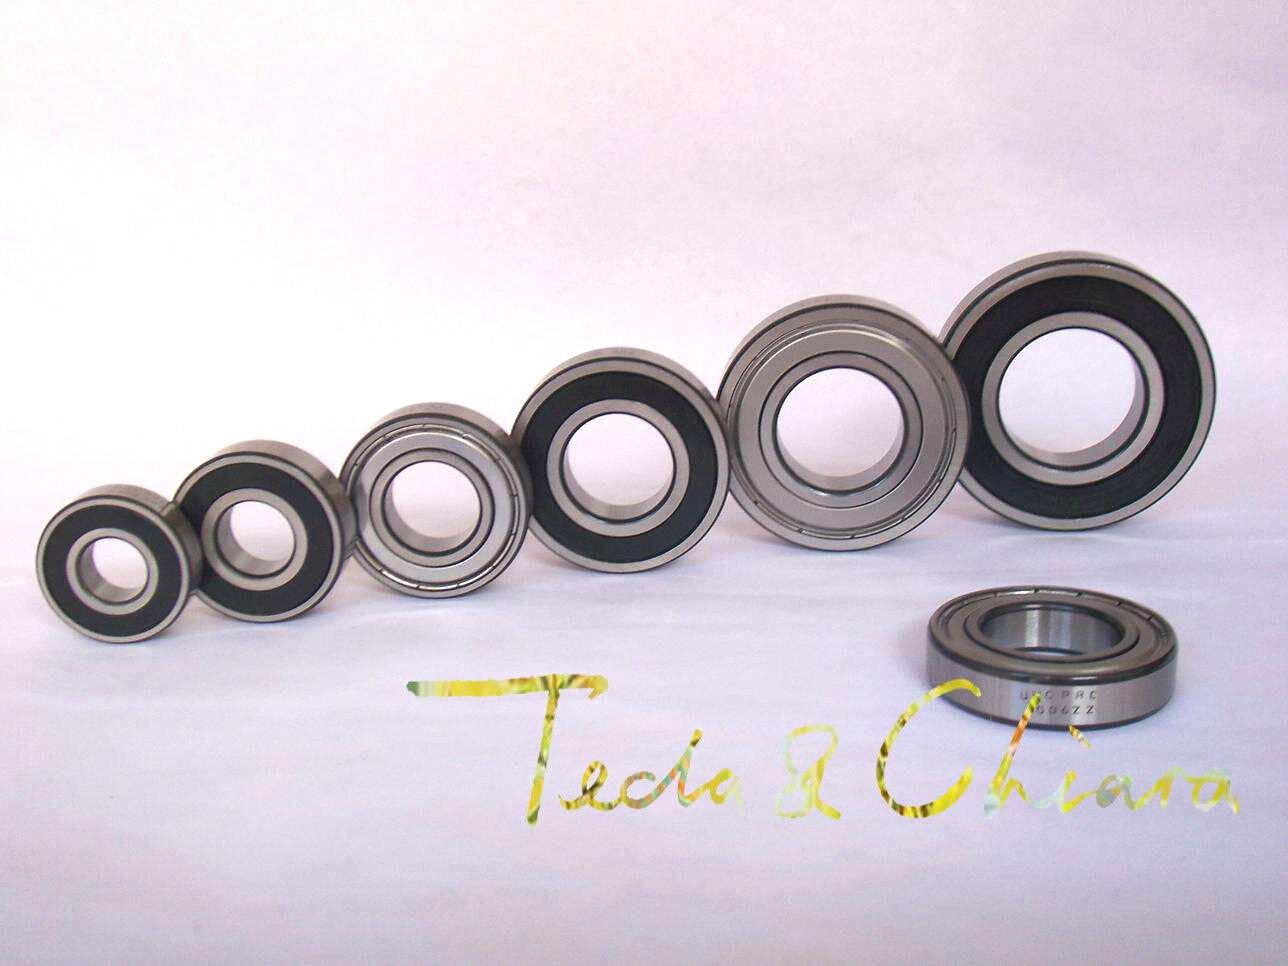 Persevering Mr137 Mr137zz Mr137rs Mr137-2z Mr137z Mr137-2rs Zz Rs Rz 2rz L-1370zz Deep Groove Ball Bearings 7 X 13 X 4mm High Quality